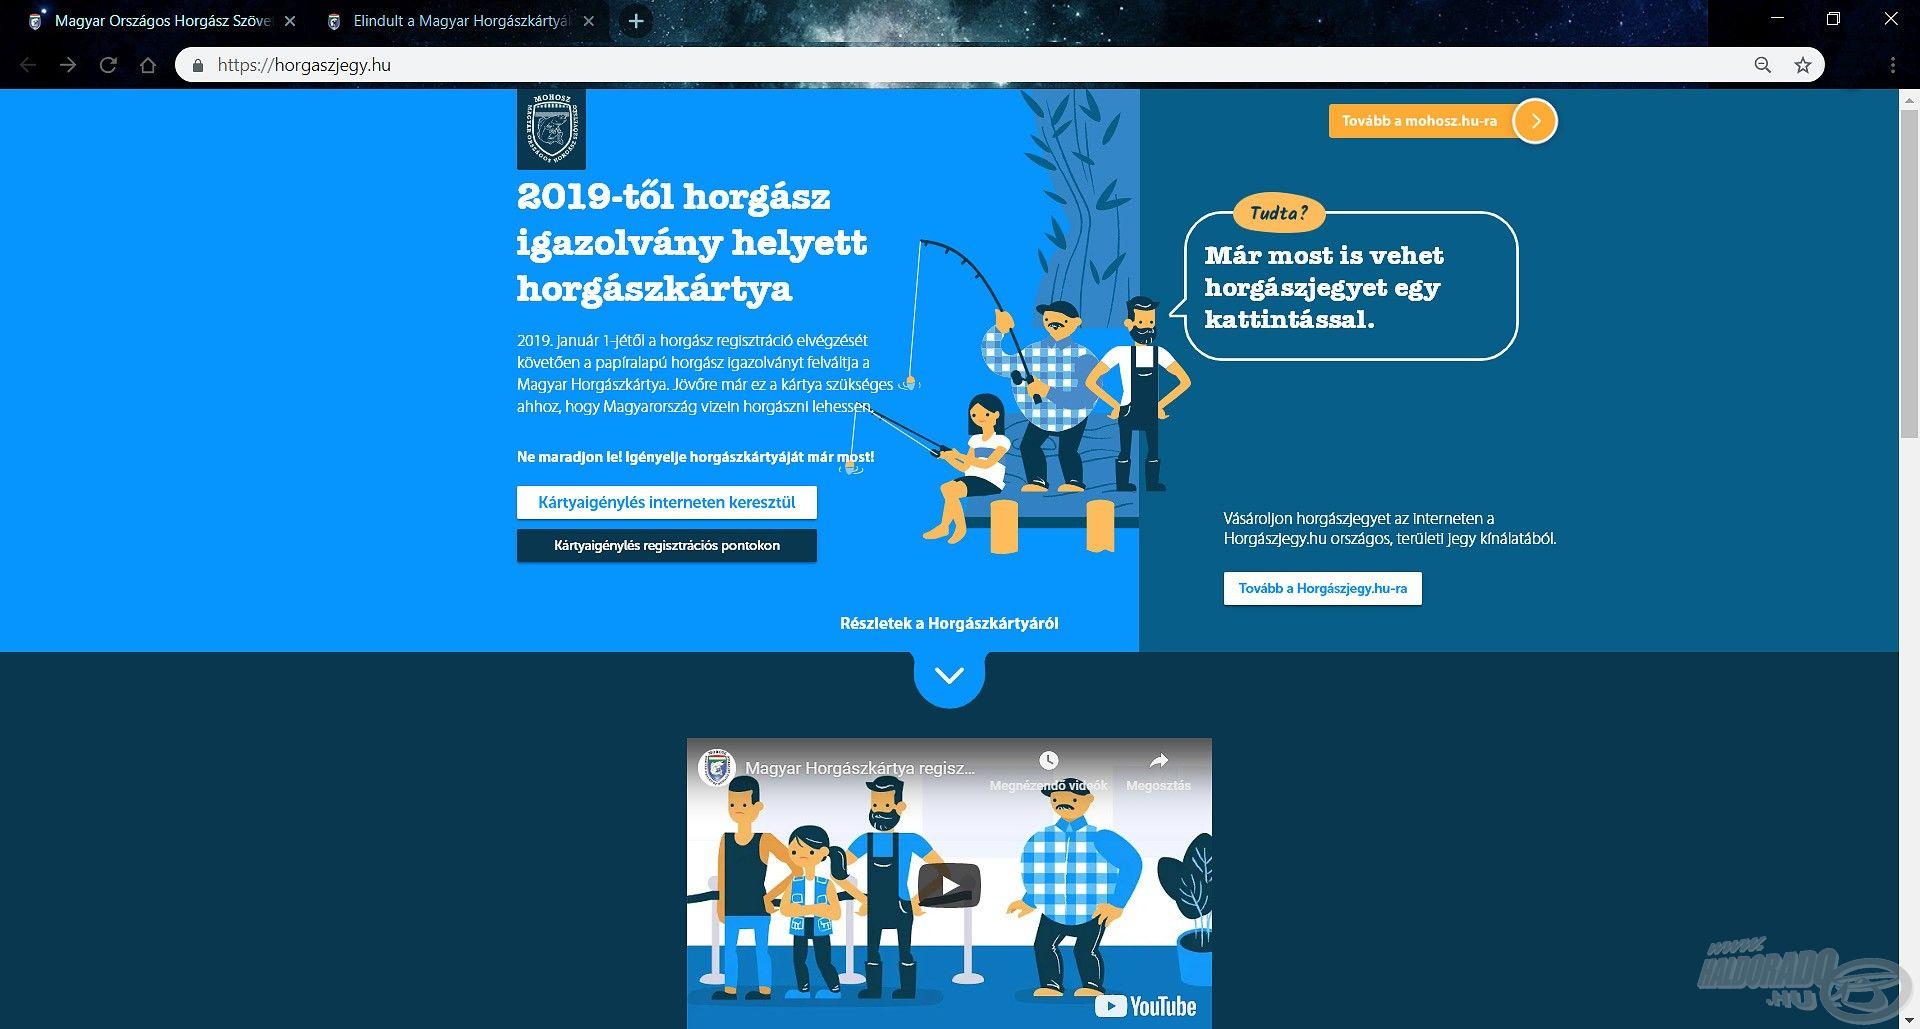 A horgászkártya igénylésére lehetőség van online, interneten keresztül, valamint országszerte a kijelölt regisztrációs pontokon. Mindkét alternatívához kiváló kiinduló alapot nyújt, a www.horgaszjegy.hu, ahol ez a nyitóoldal fogad bennünket